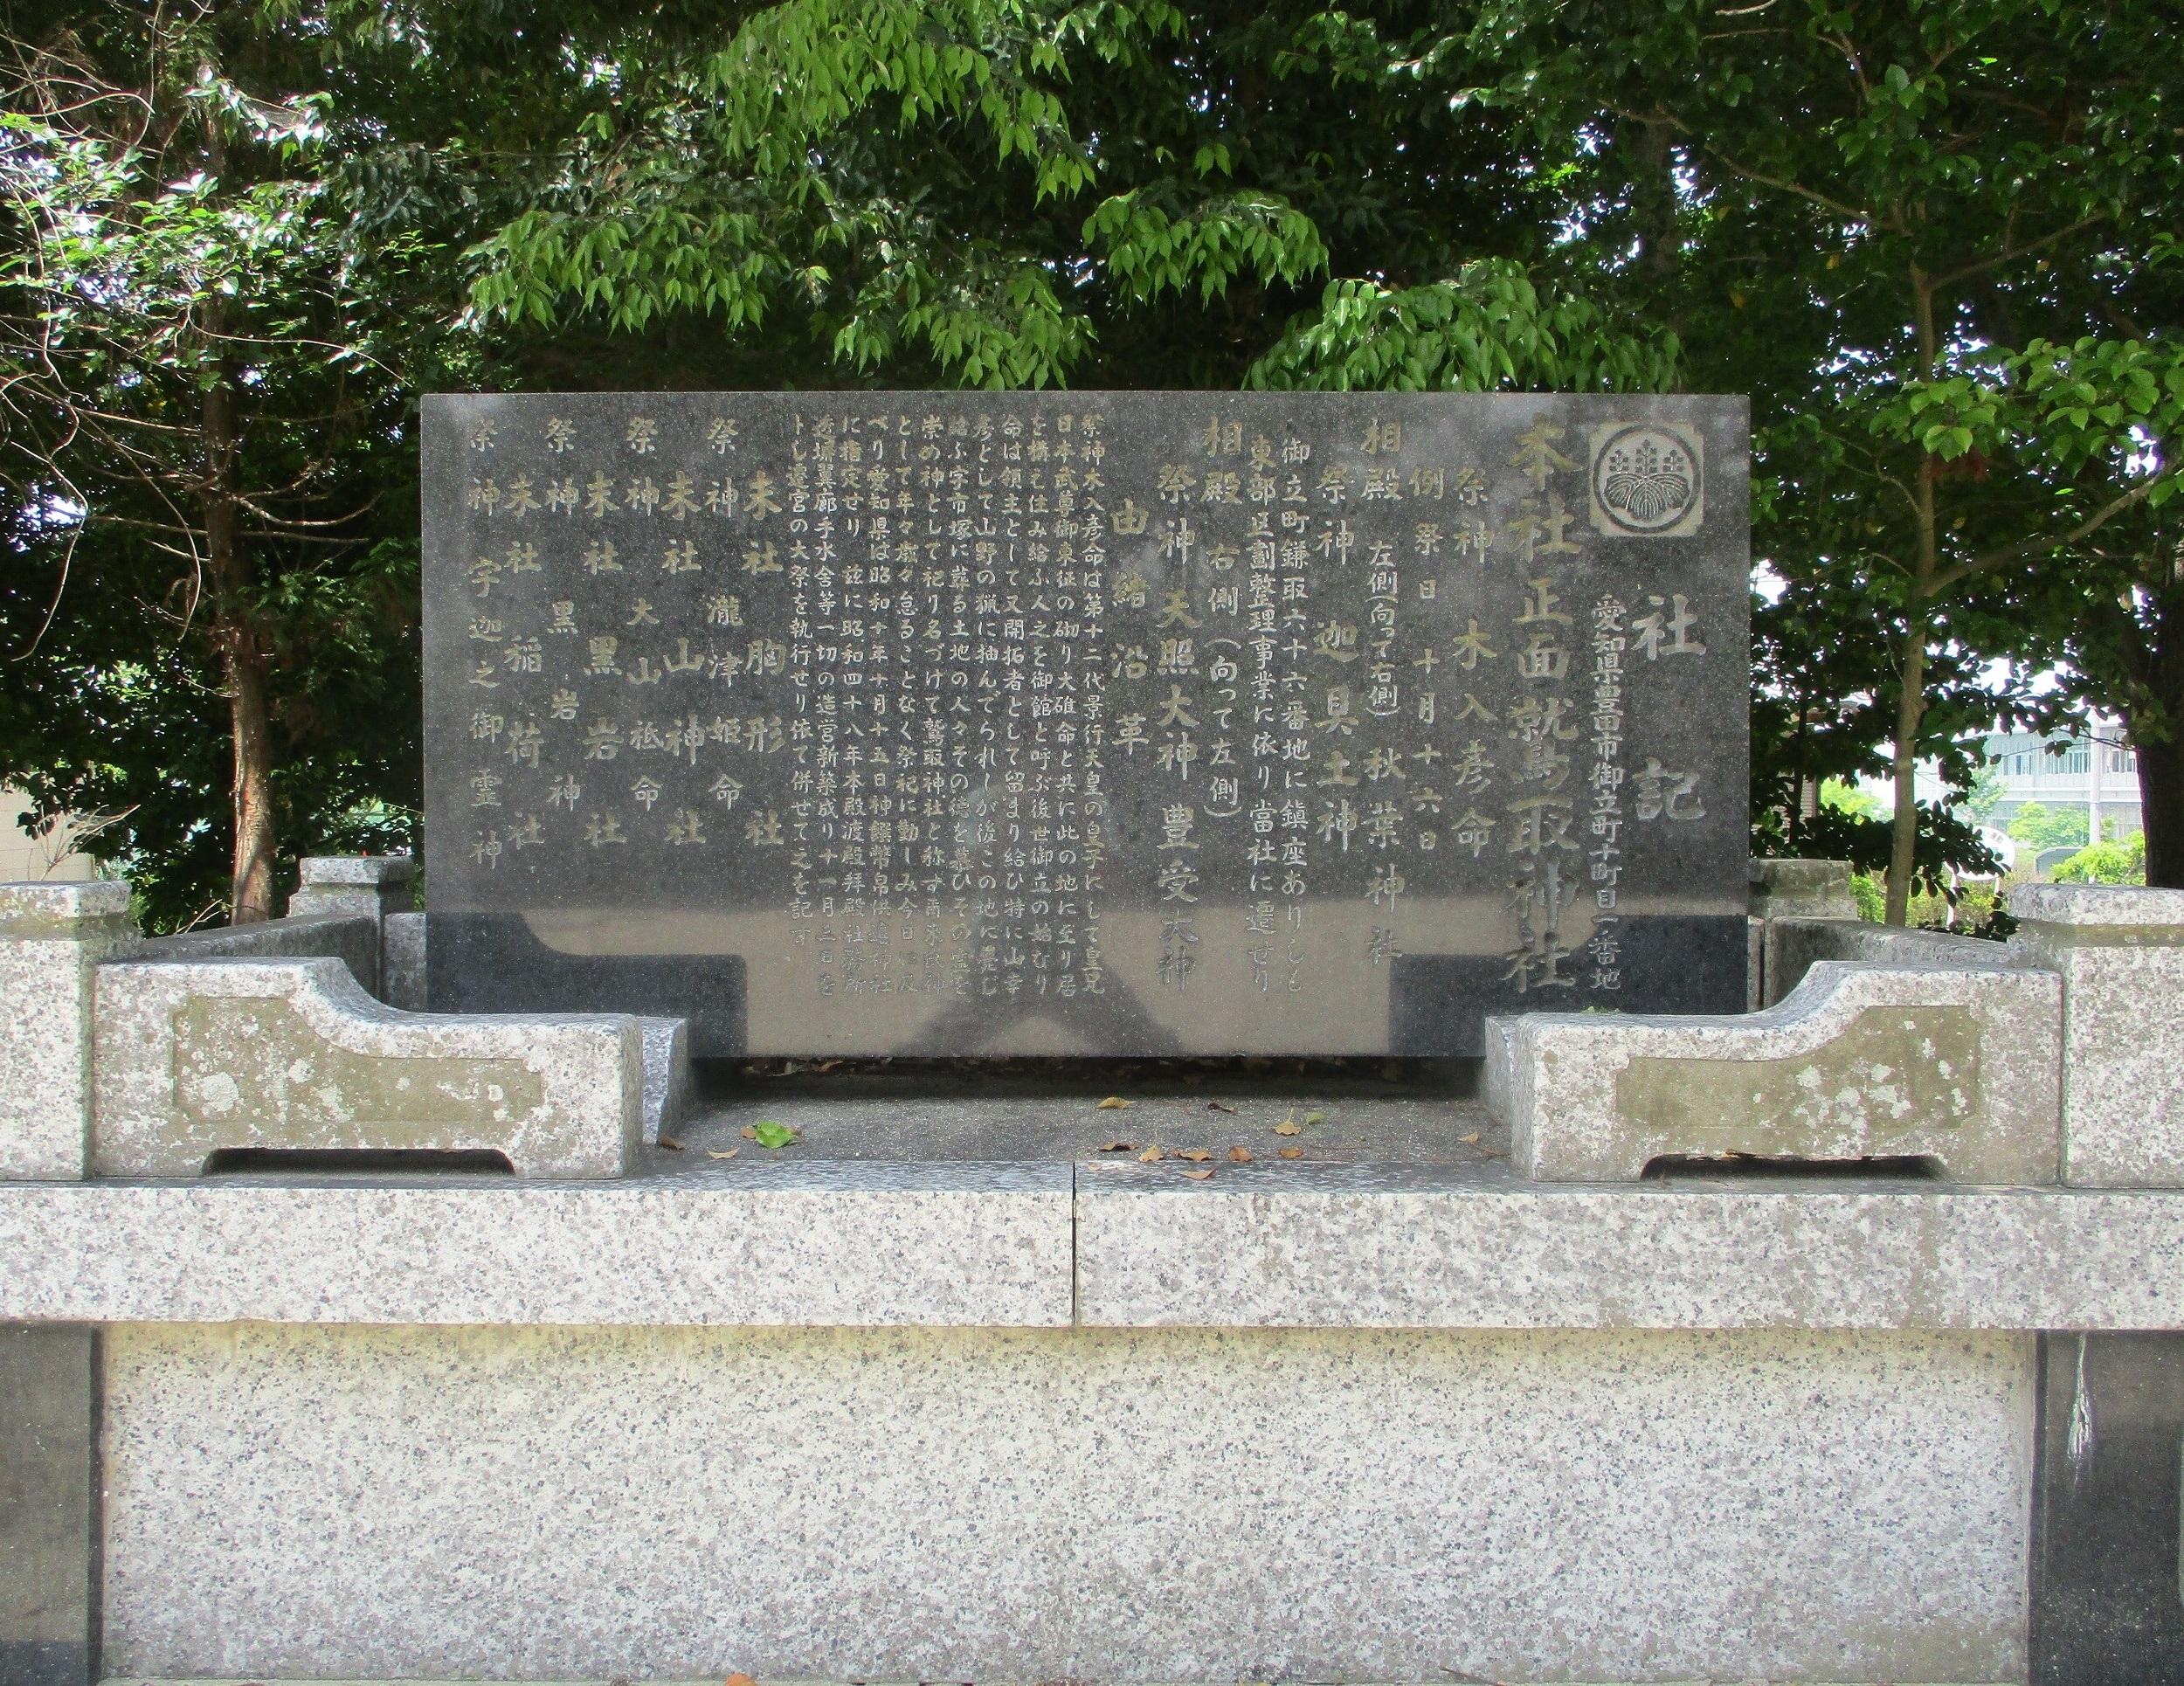 2020.5.27 (17) 鷲取神社 - 社記 2500-1930